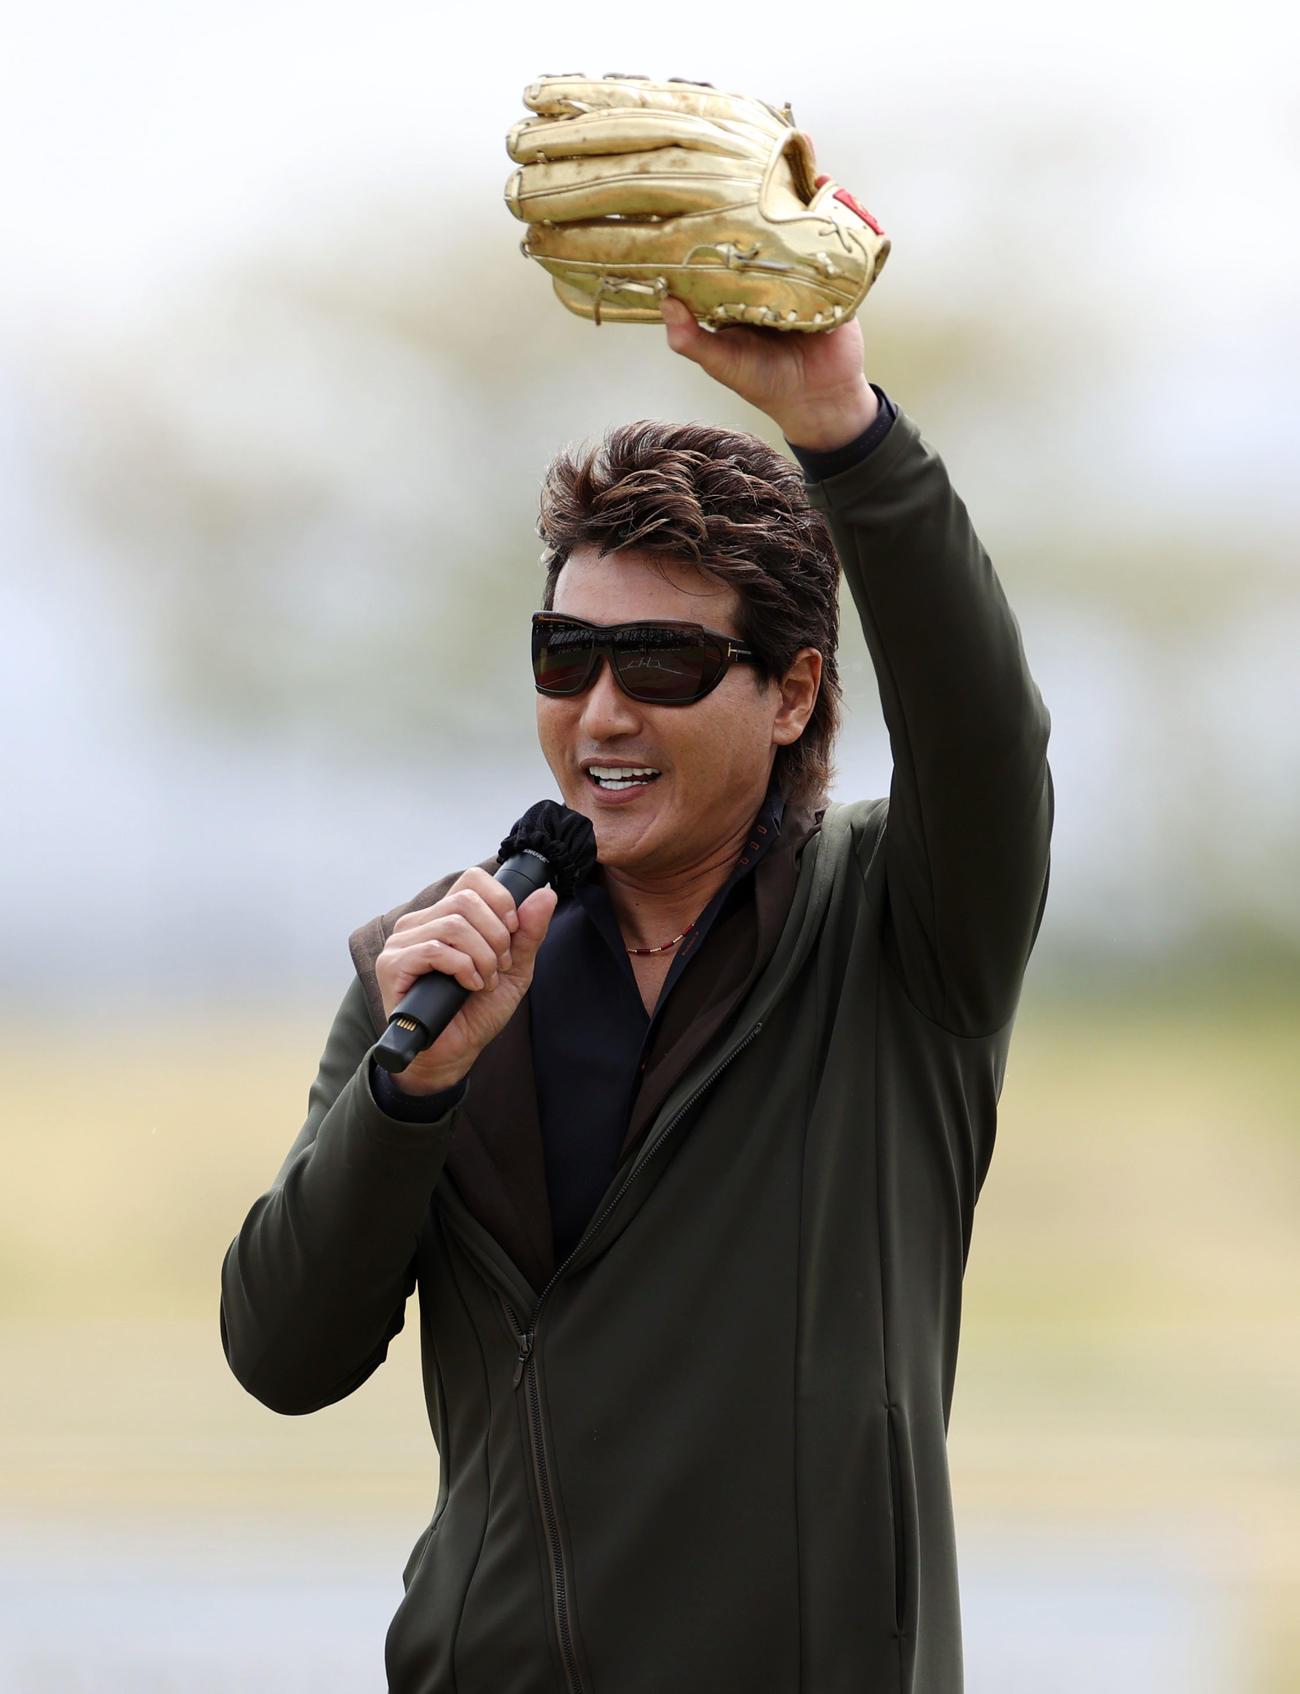 BC信濃対BC新潟 自身がゴールデングラブ賞を受賞した時の黄金グラブを手に始球式を行い、「勝ったチームにあげます!」と話す新庄氏(撮影・狩俣裕三)